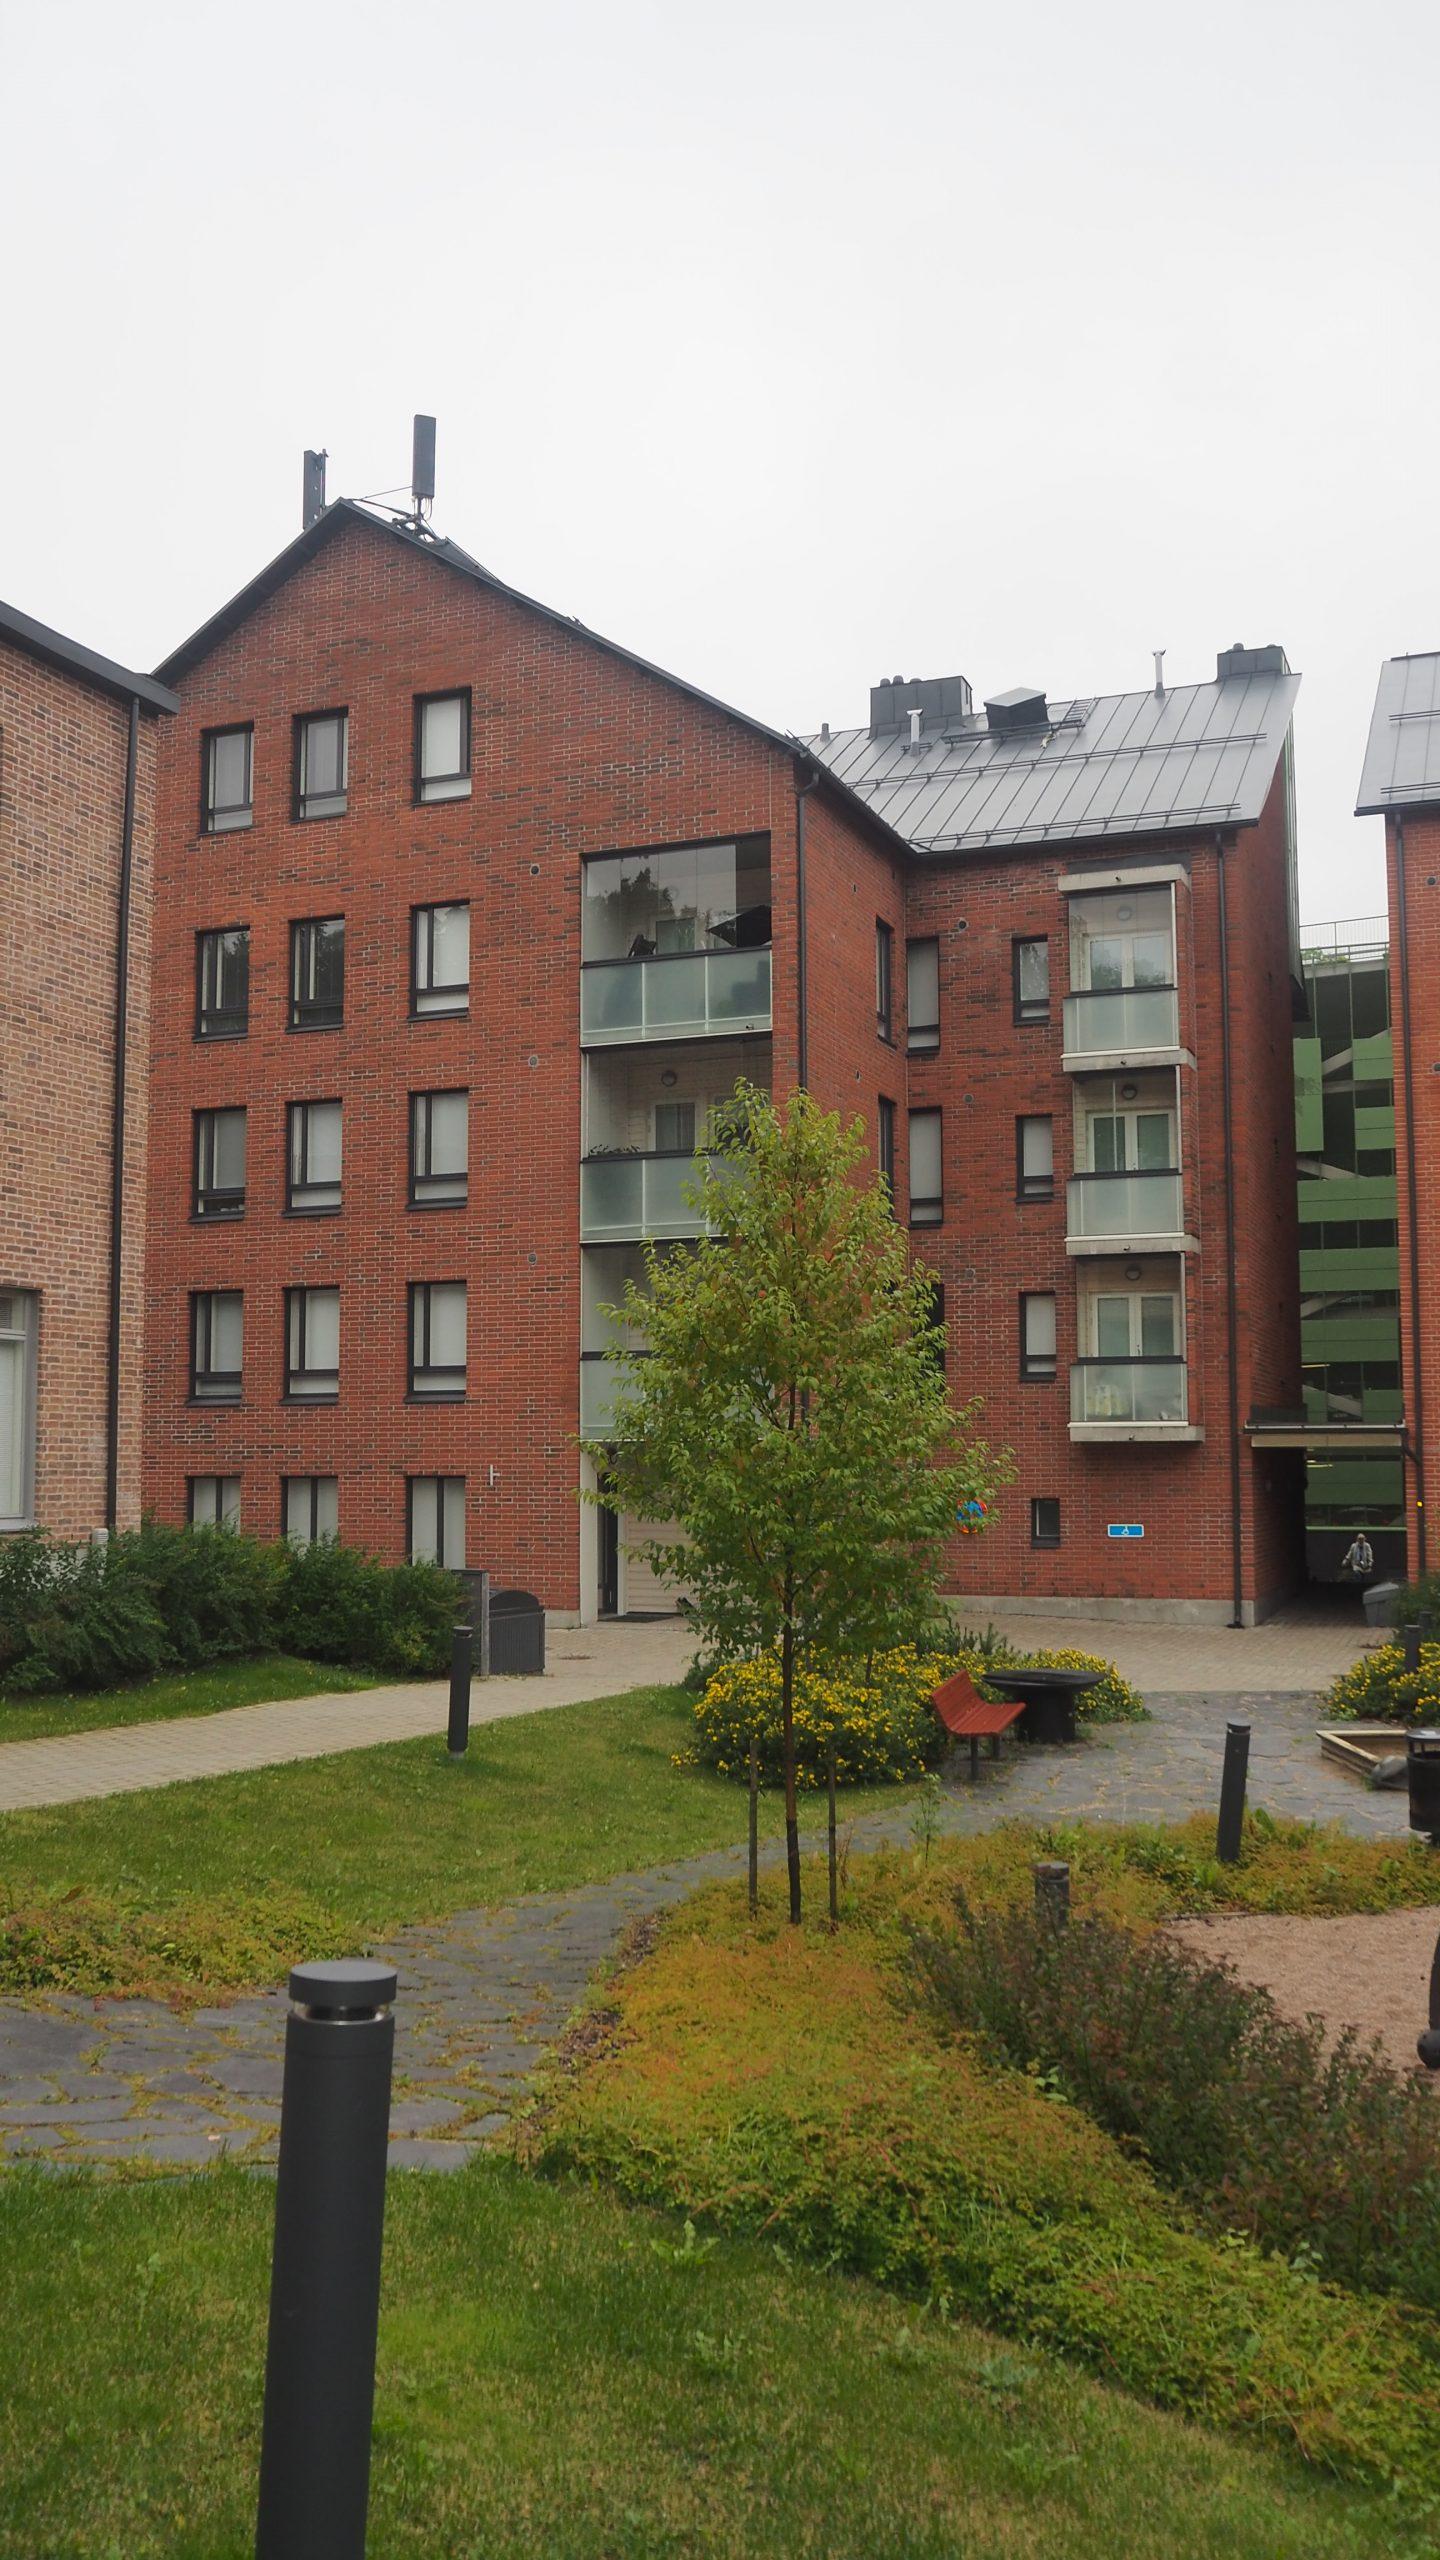 Suviniitynkatu 4 A, Espoon keskus, Espoo 2h, keittiö, sauna, kph 189 988 € 46 m²